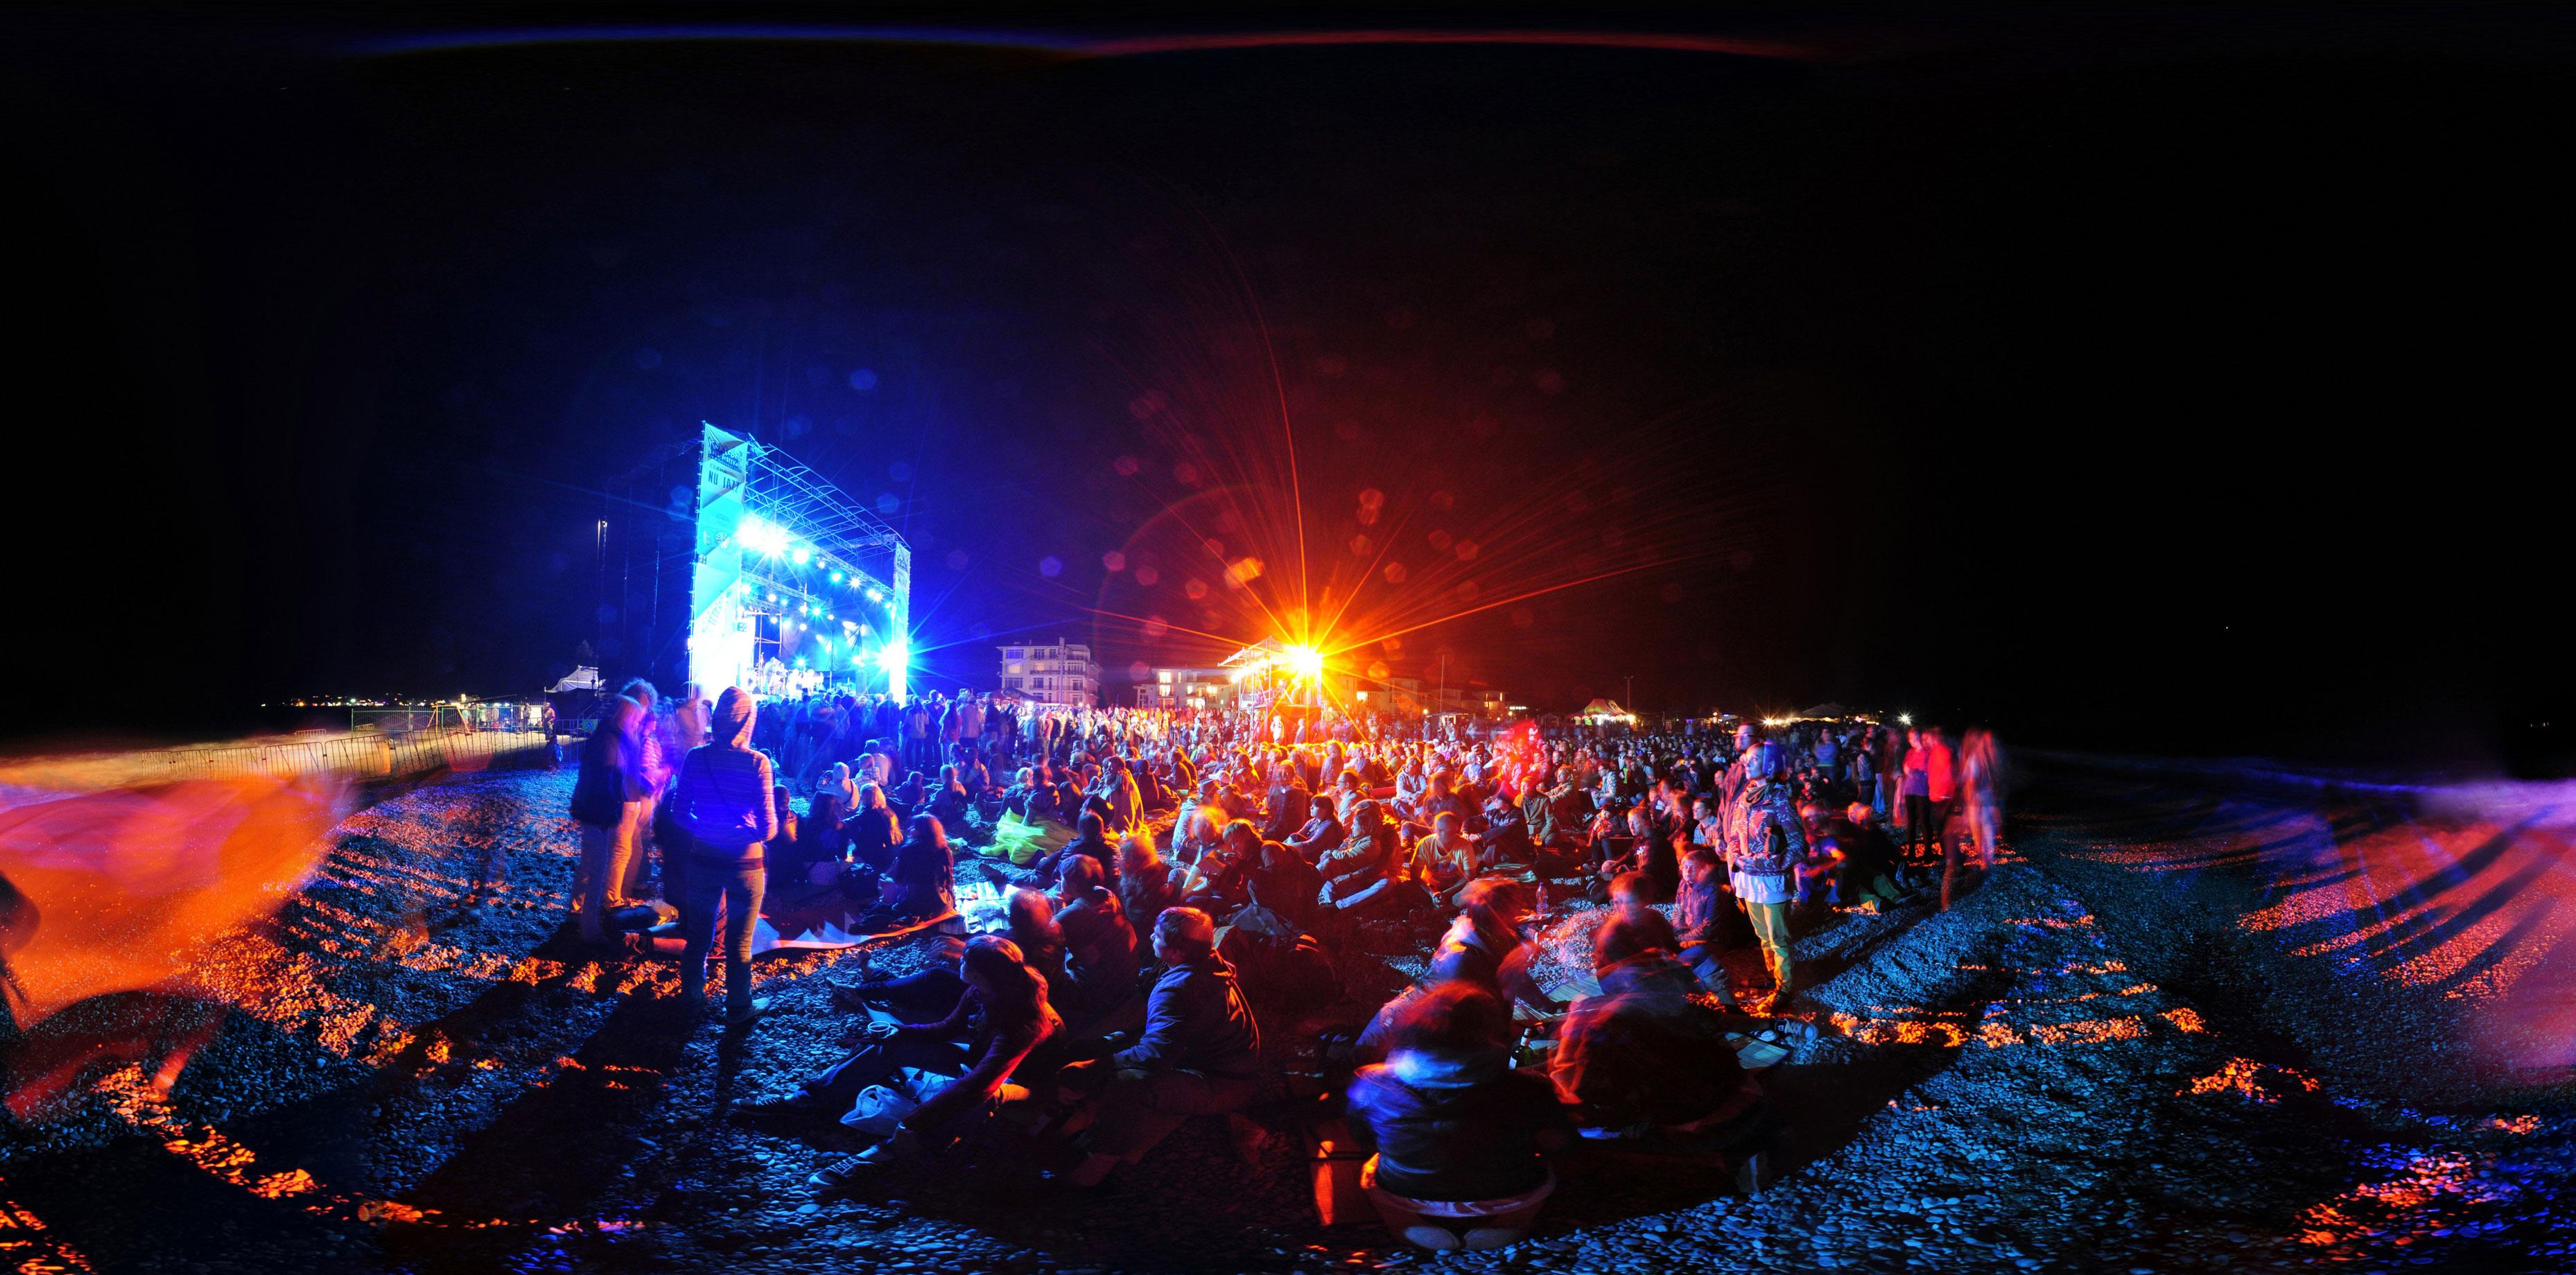 культурных мероприятиях в крыму в августе 2016